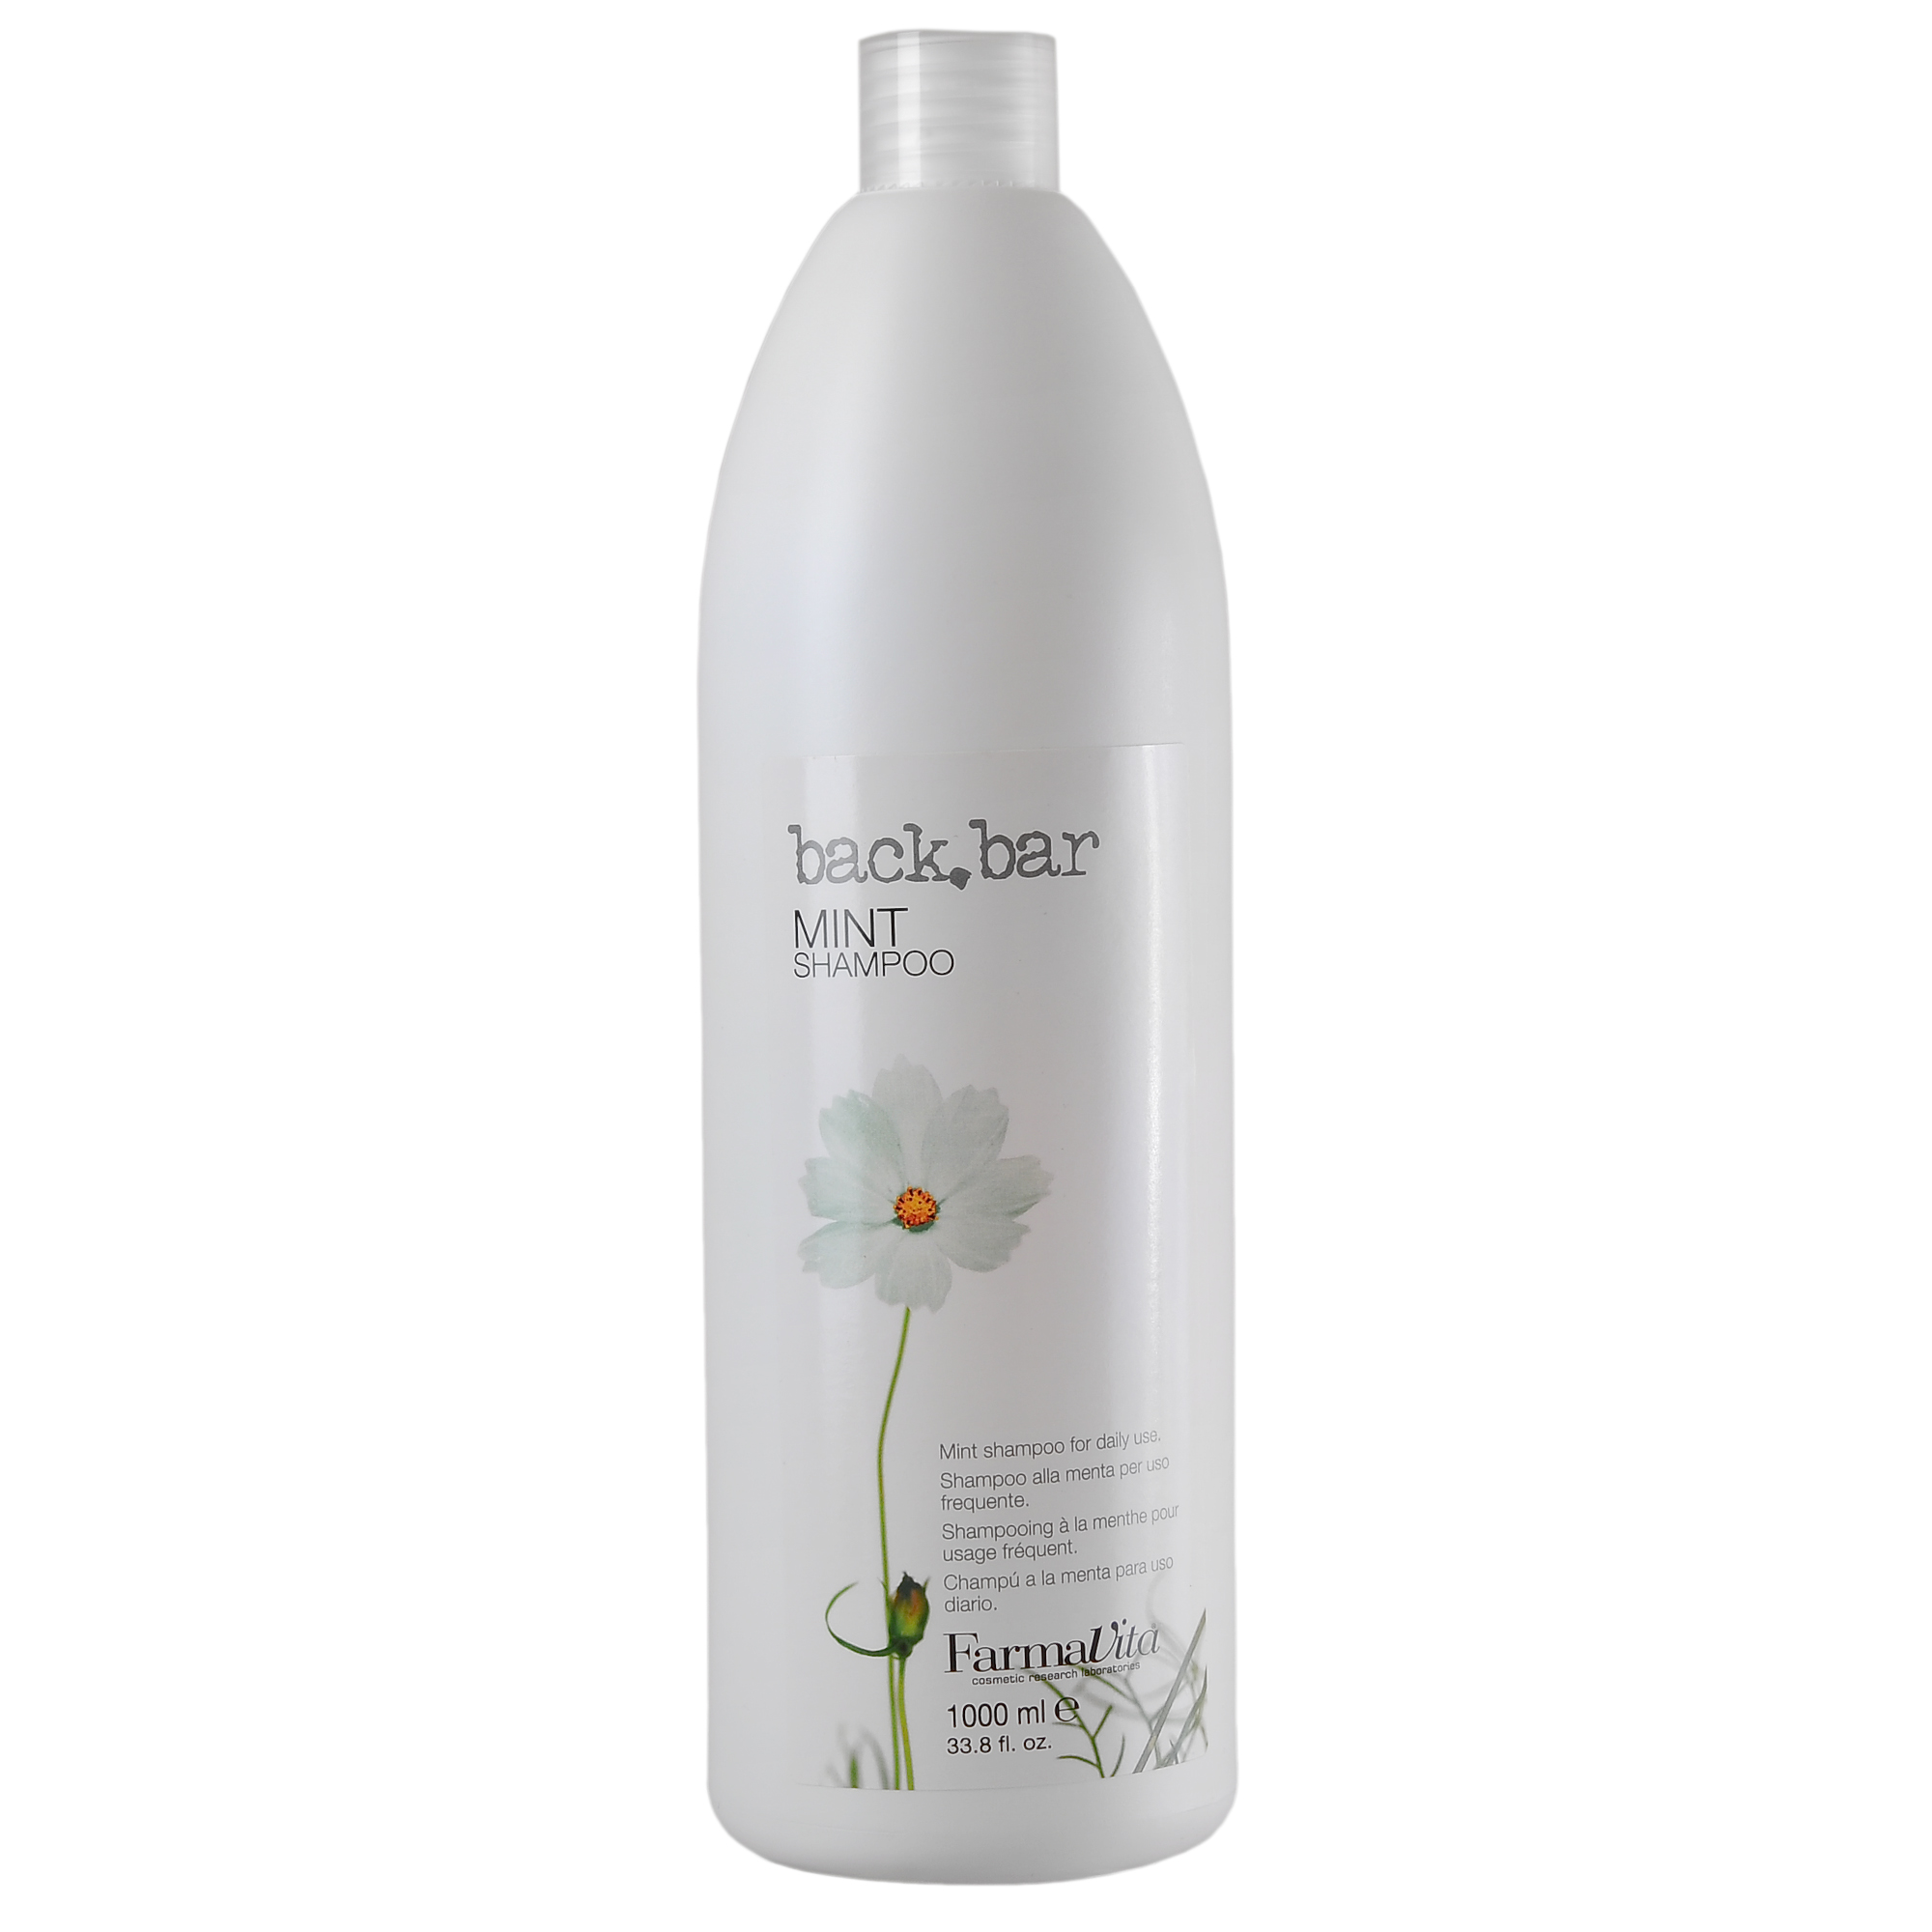 FARMAVITA ������� ���������� Mint Shampoo / BACK BAR 1000 ��